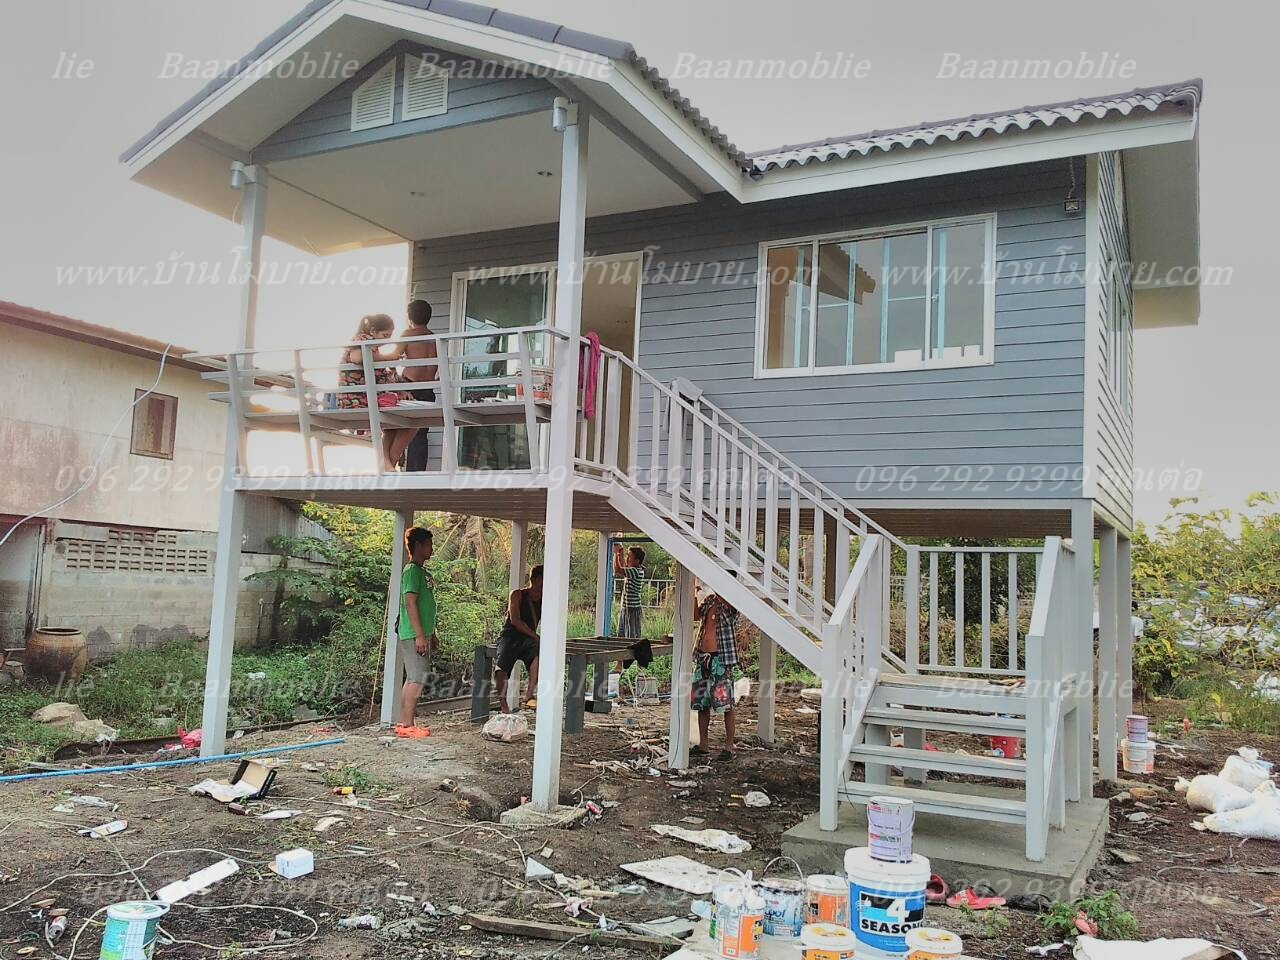 บ้านขนาด 4*6 ระเบียง 3*3 เมตร ราคา 381,000 บาท